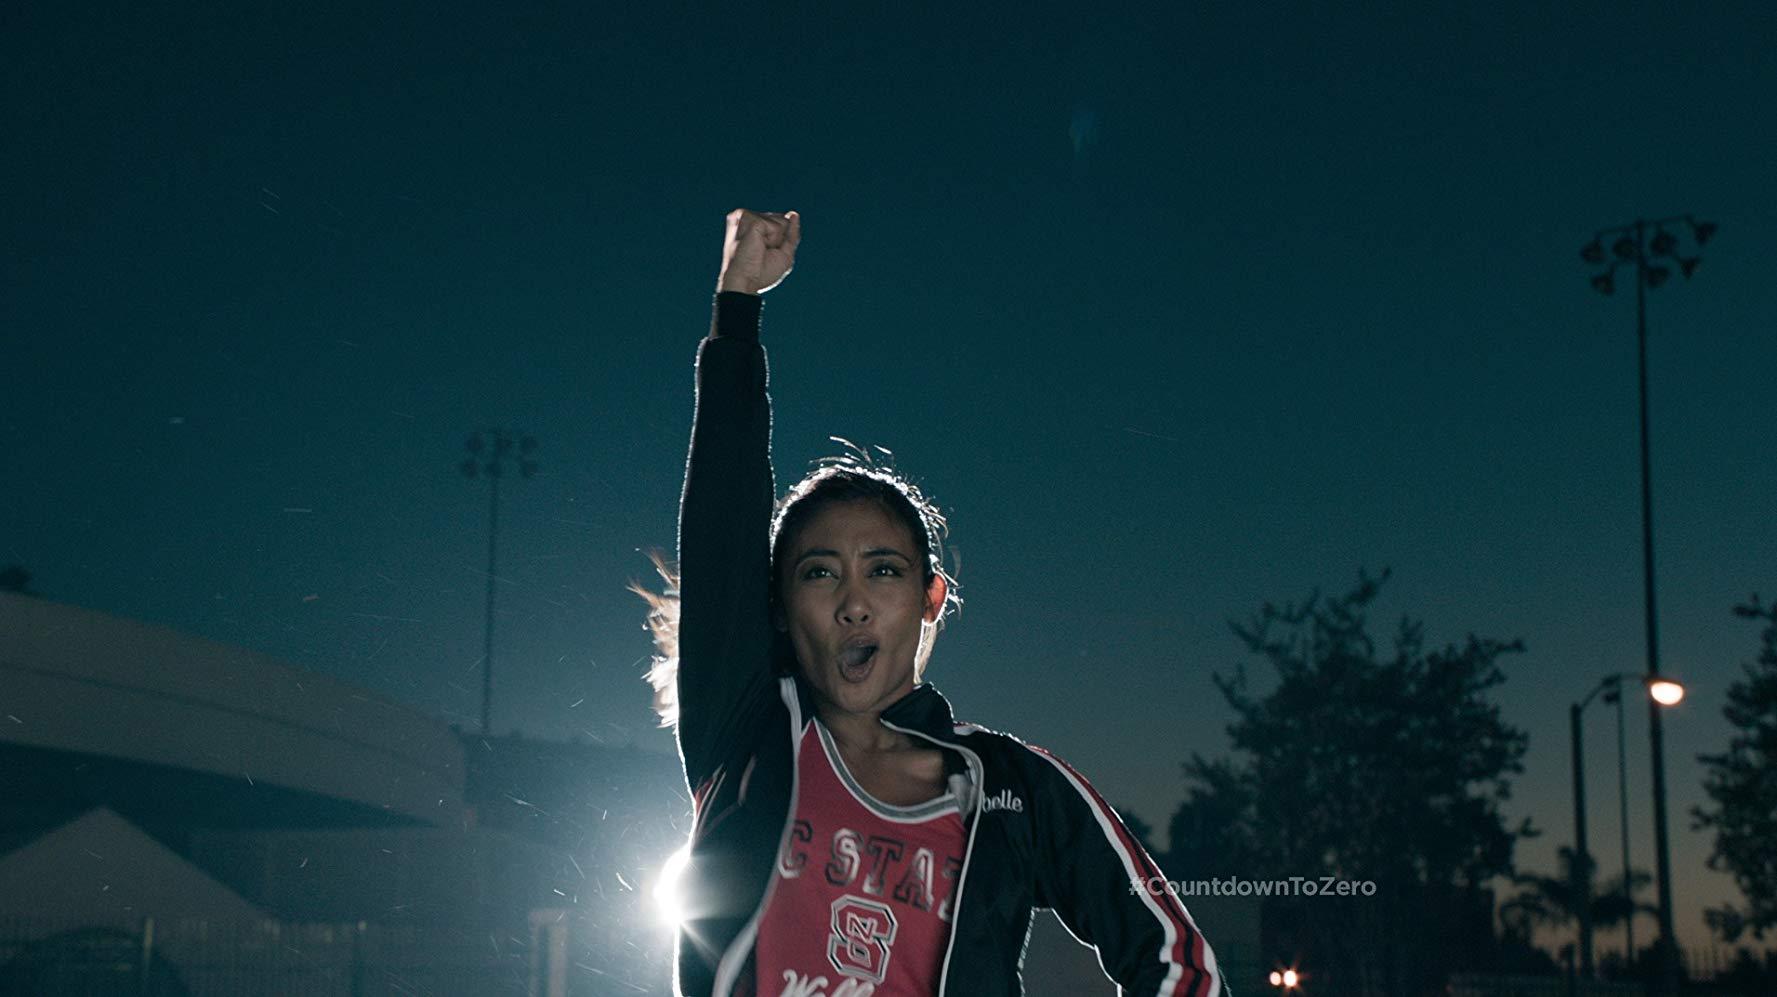 Donnabella-Mortel-Coka-Cola-Coke-ZERO-Commercial